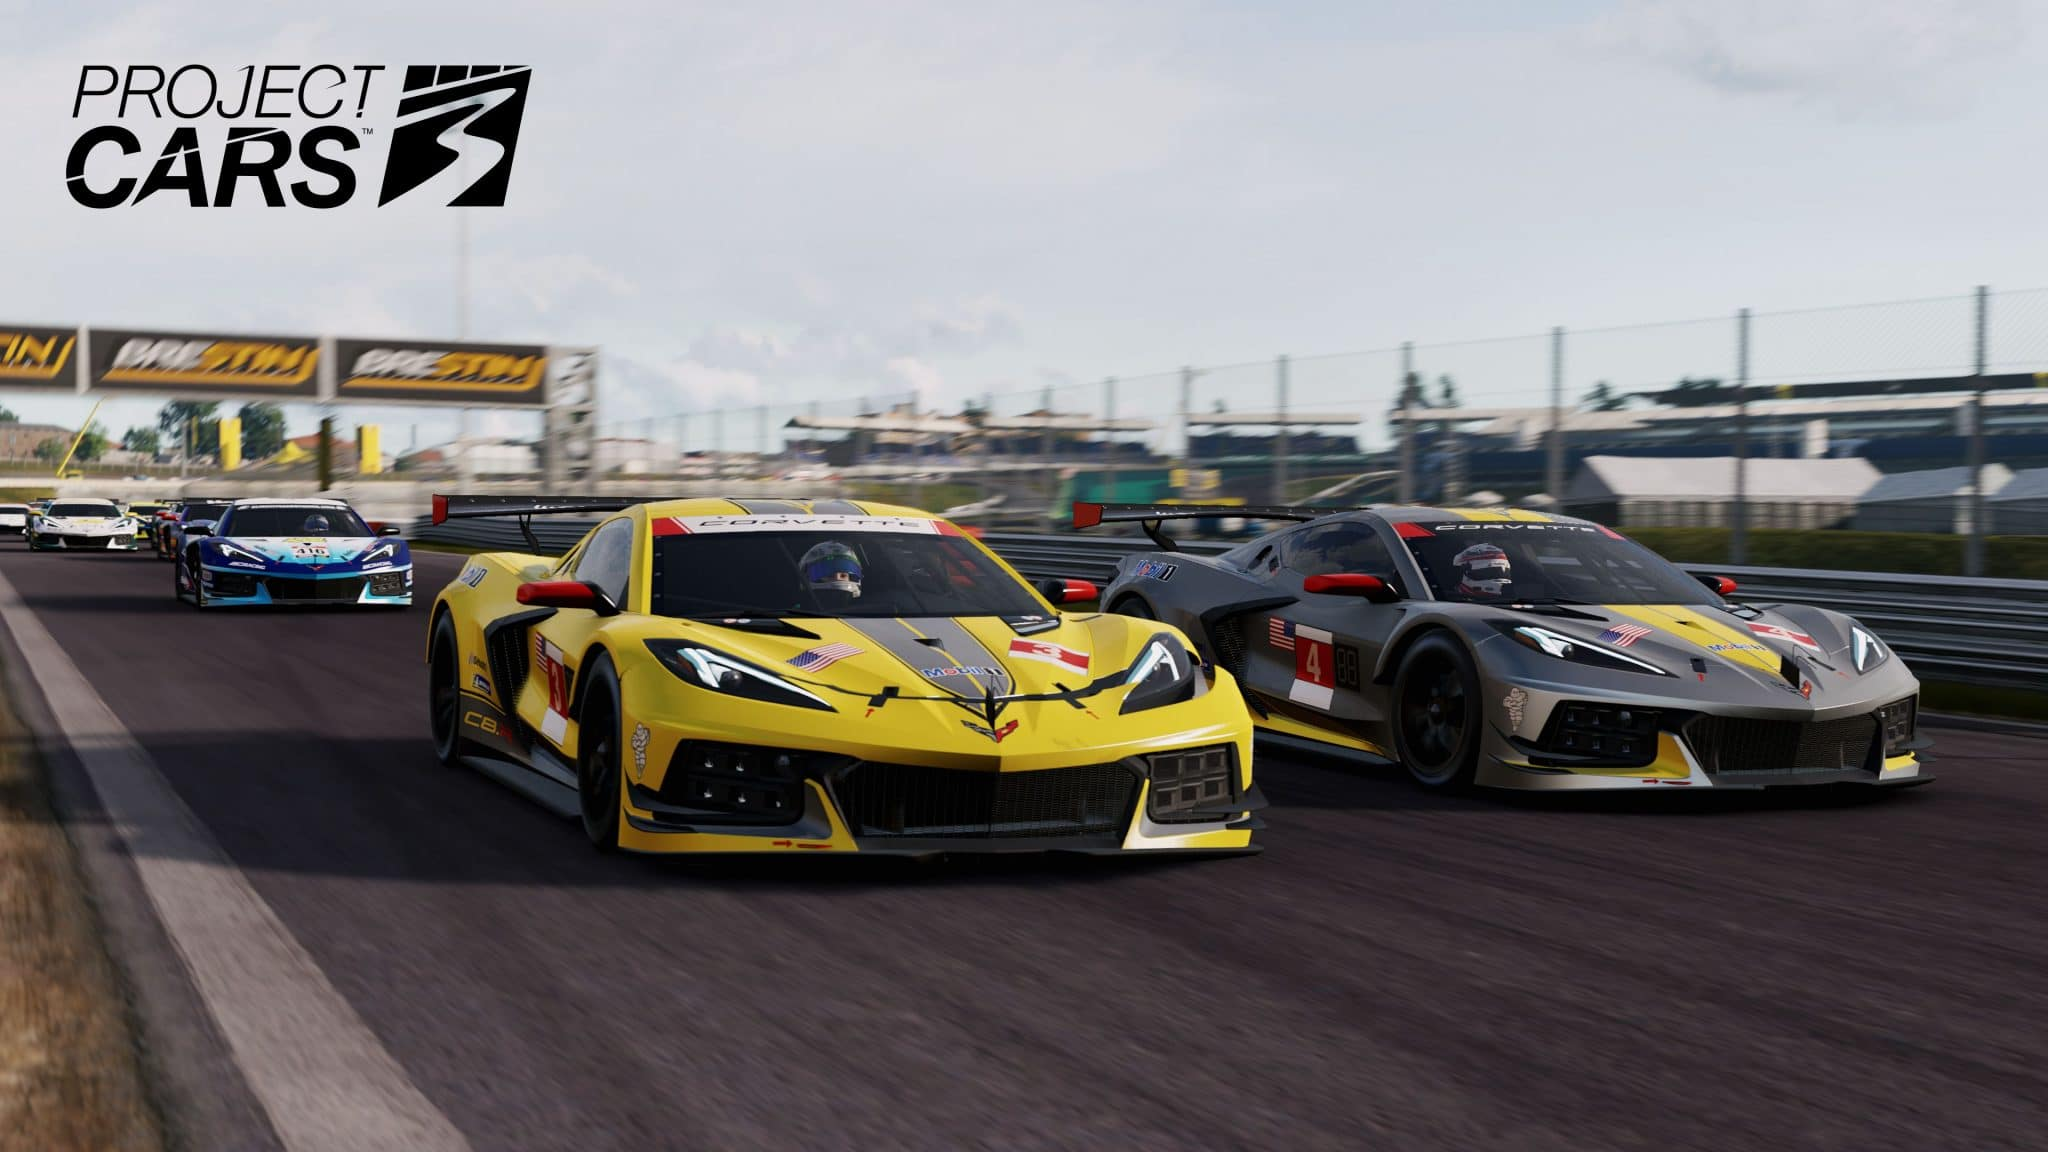 Project Cars 4 gostaria de ser o simulador mais realista de sempre.